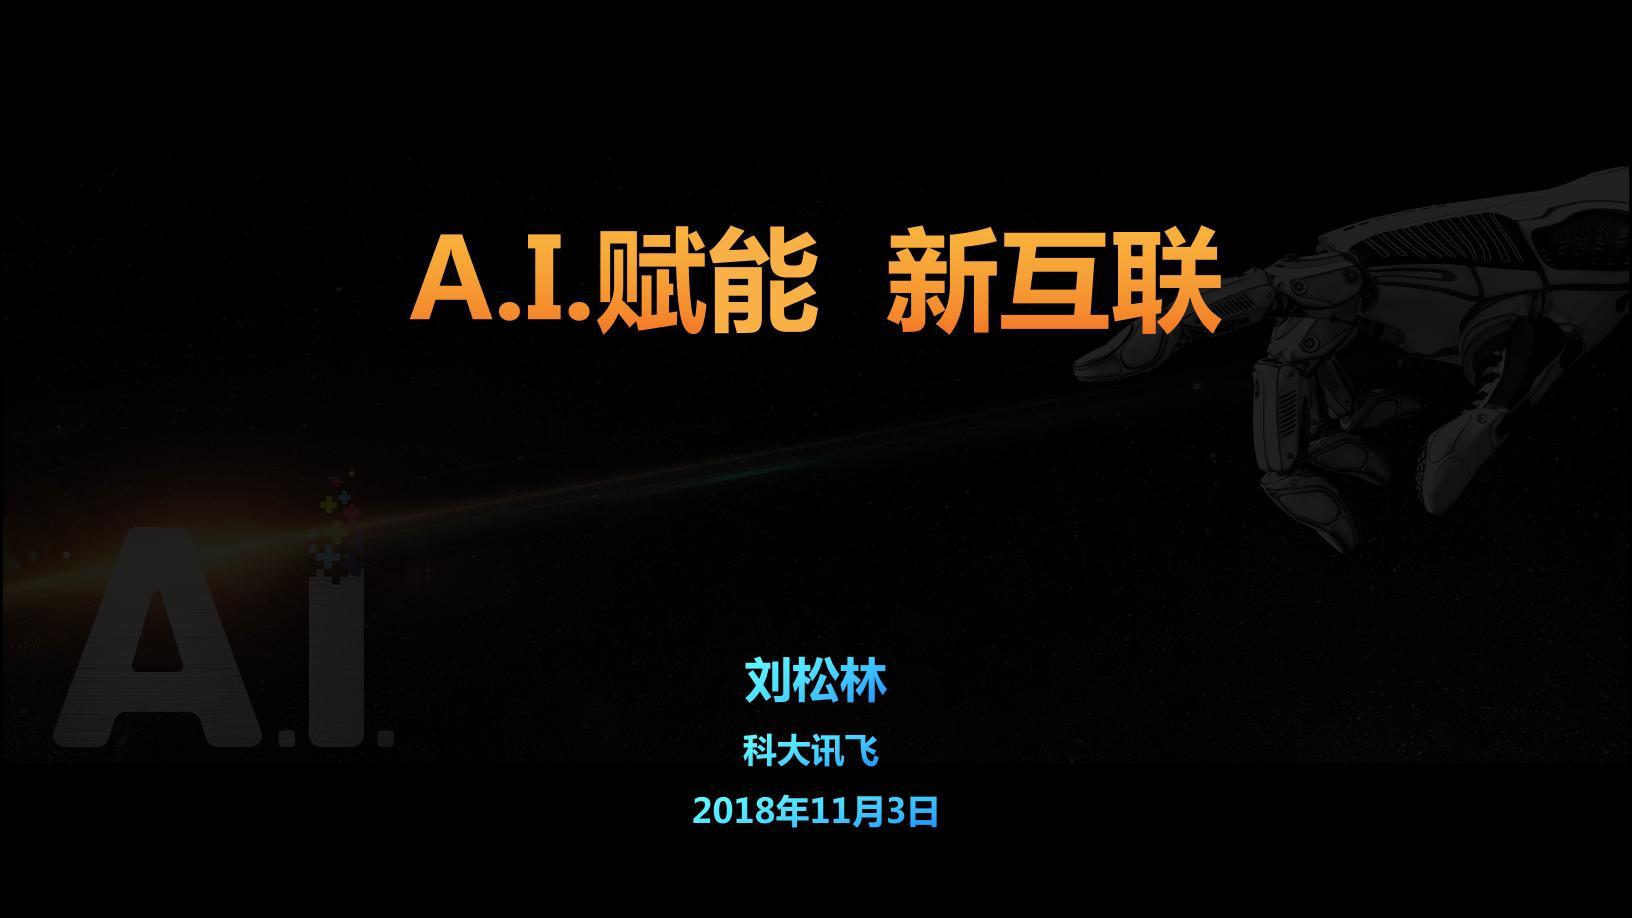 2018广东互联网大会演讲PPT|AI赋能新互联|科大讯飞